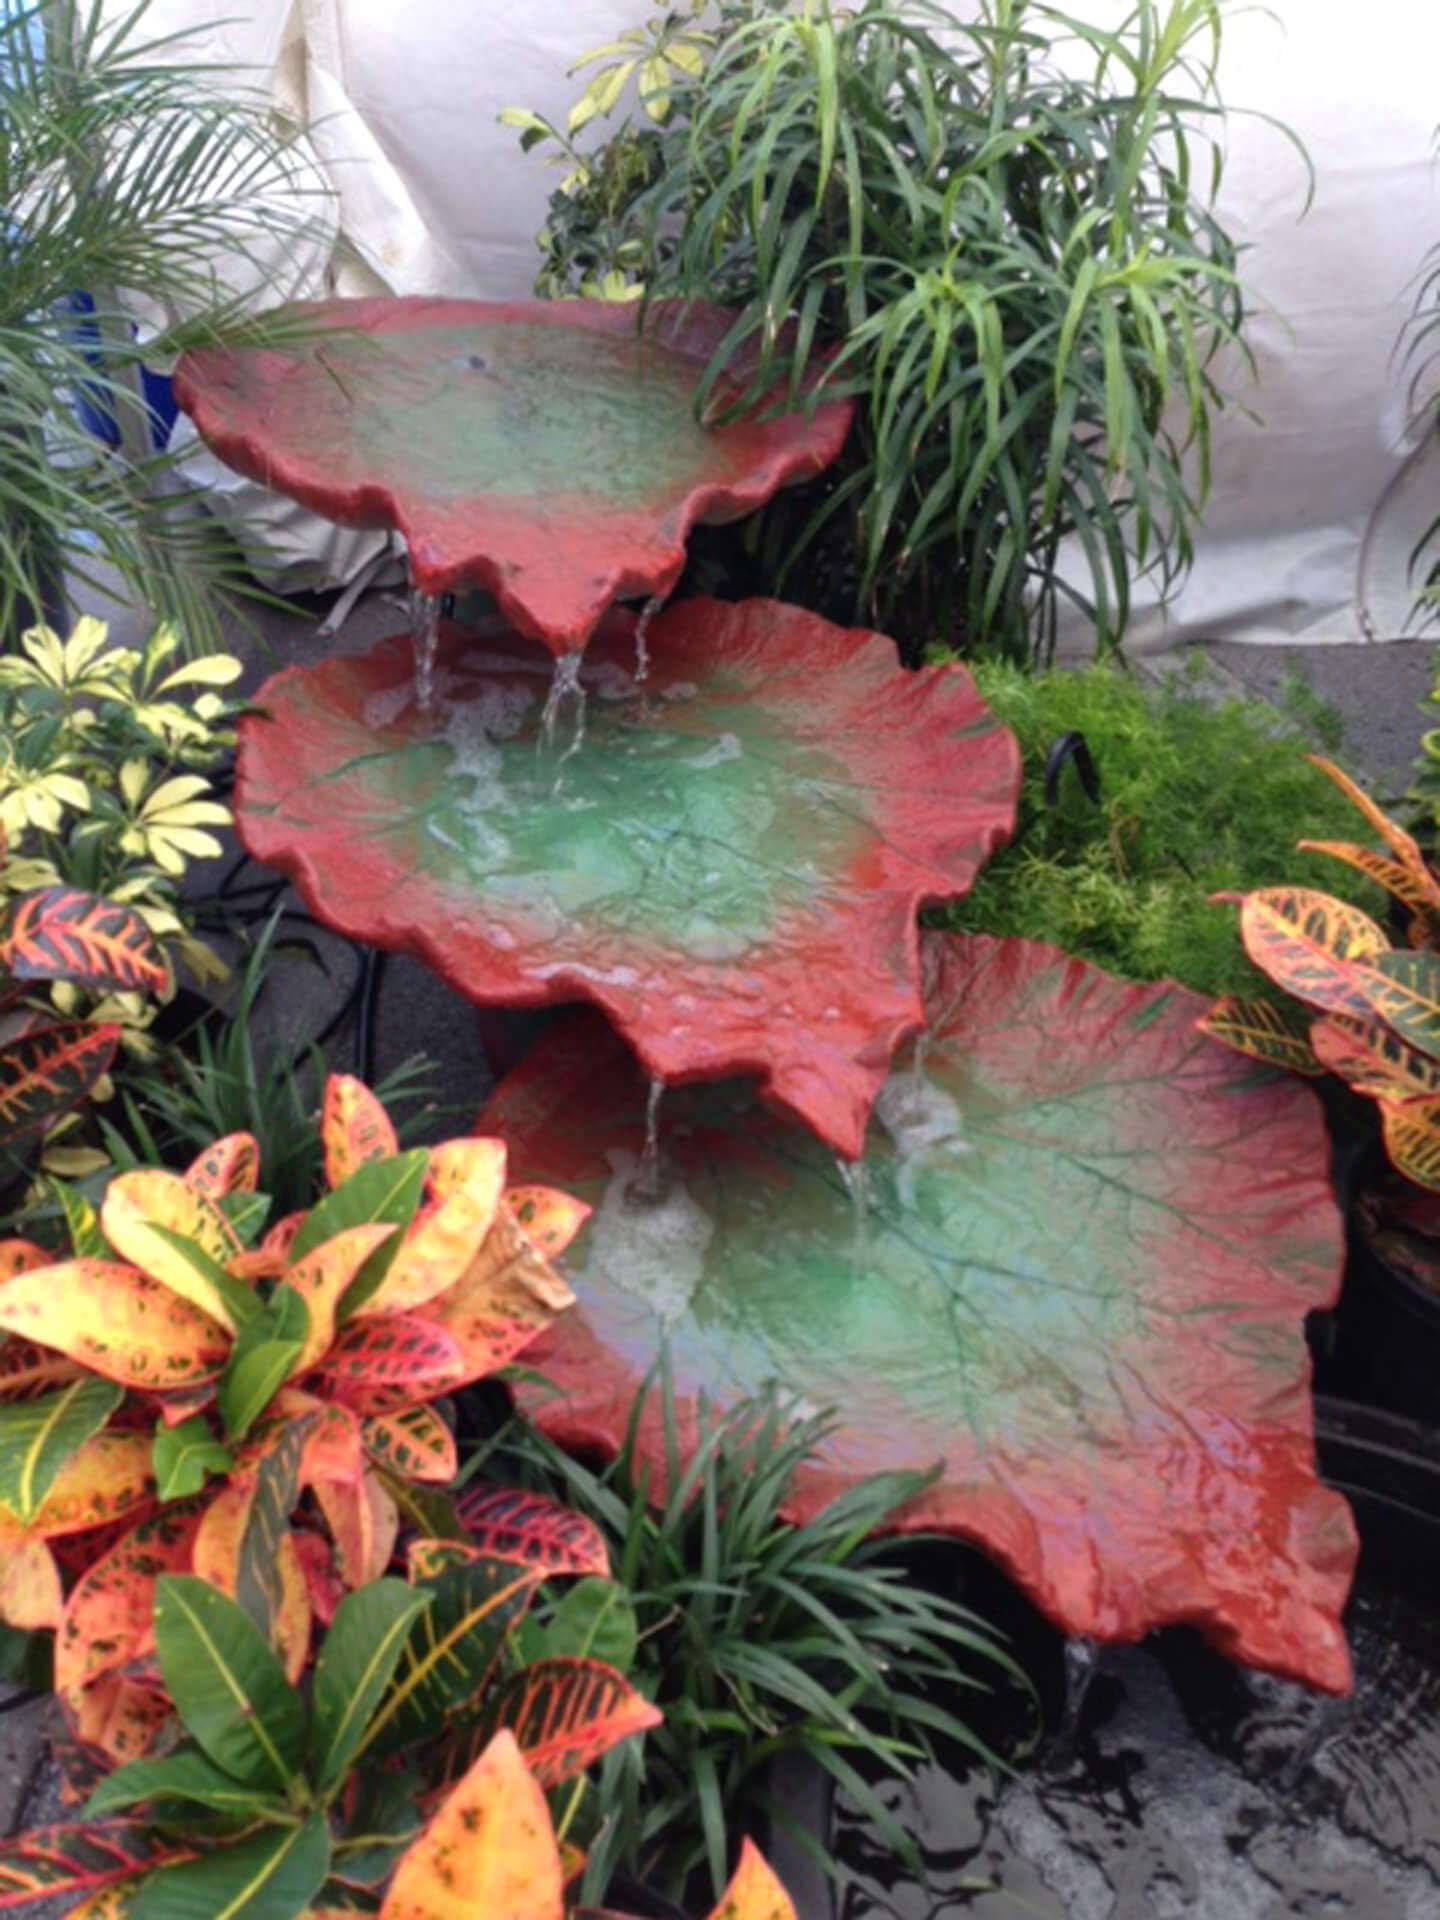 Leaves by Jenney: Curtis & Sandra Jenney